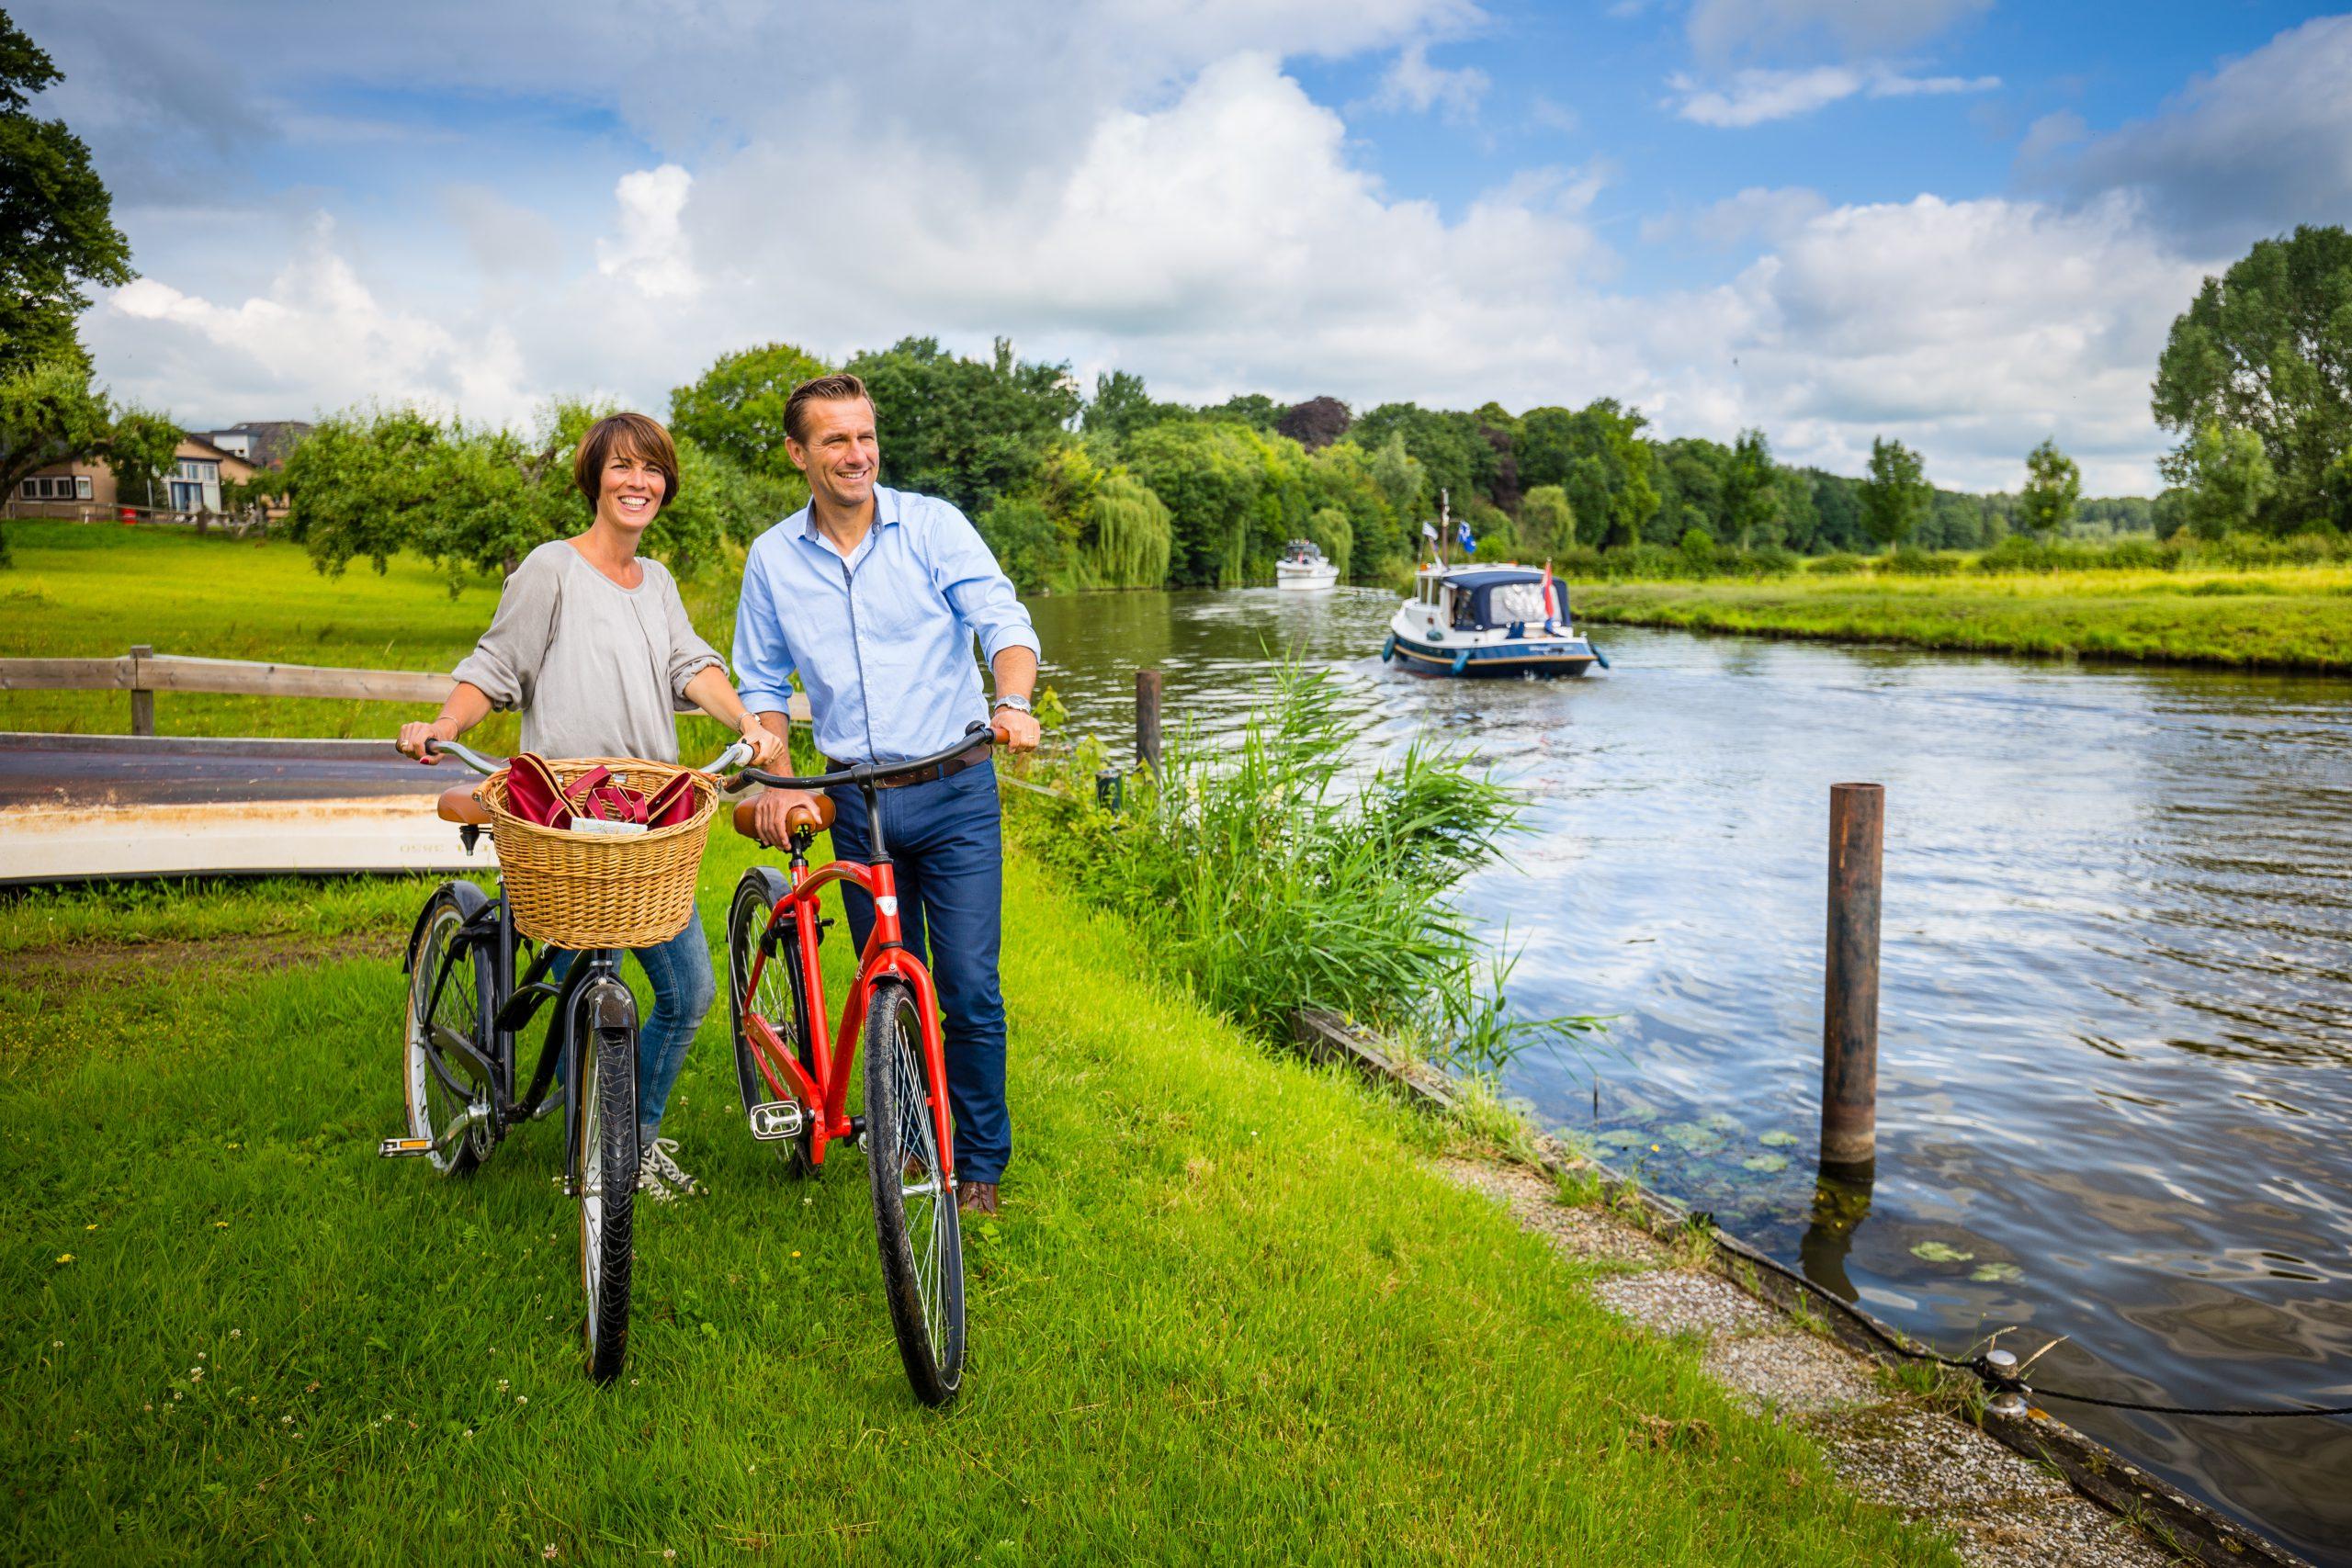 Mensen bij het water met een fiets